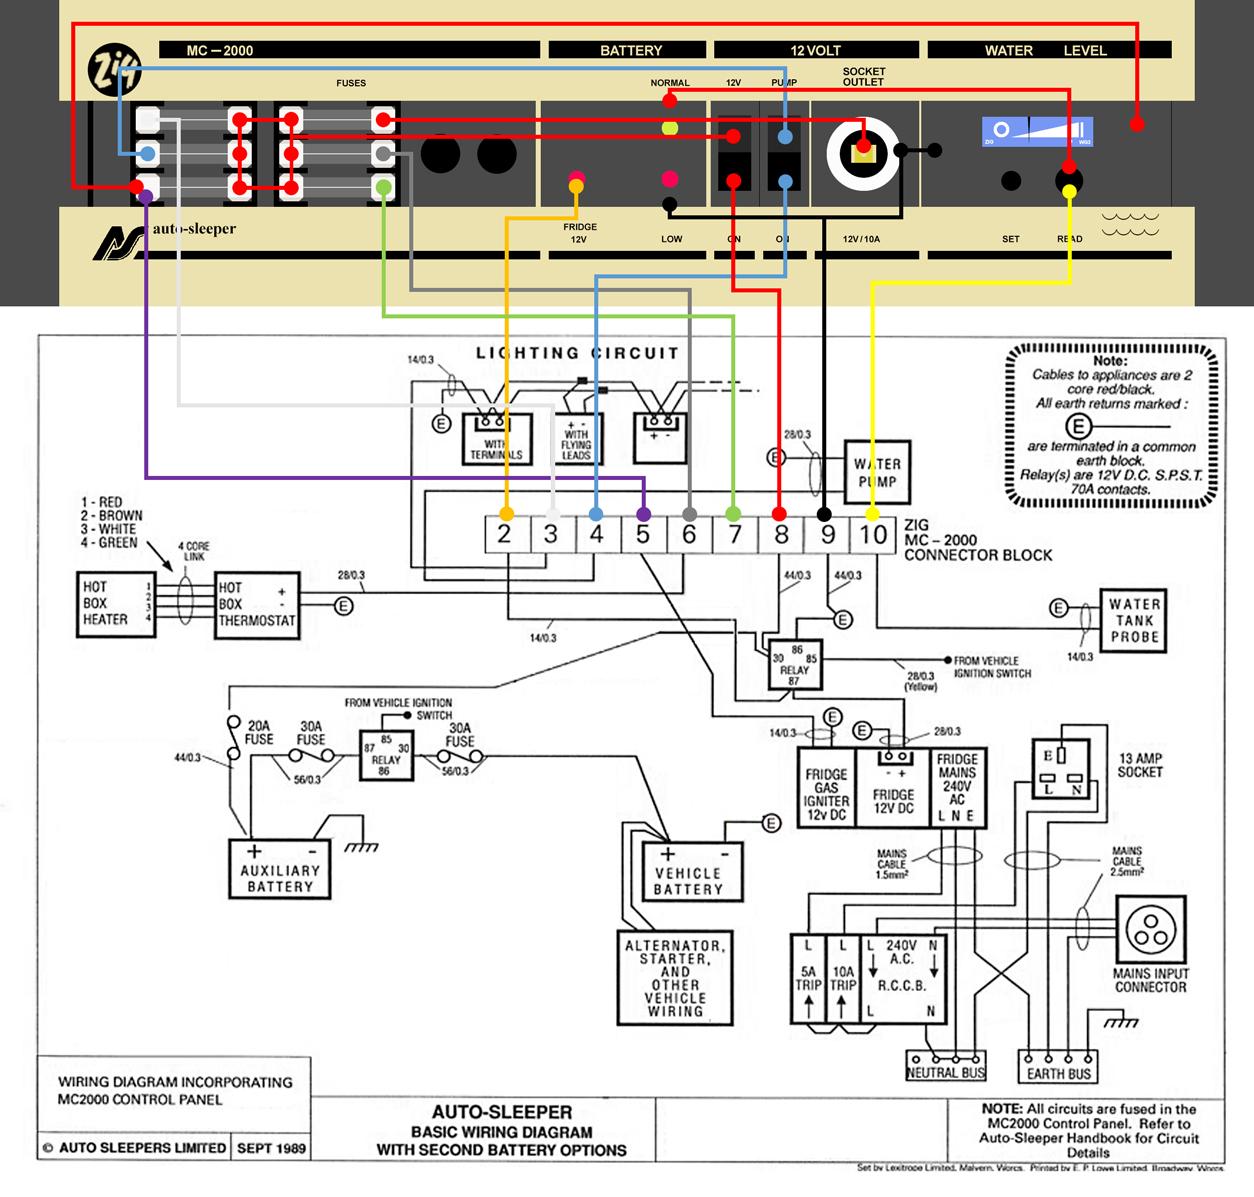 mc wiring diagram wiring diagram expert wiring diagram programs mc [ 1254 x 1197 Pixel ]